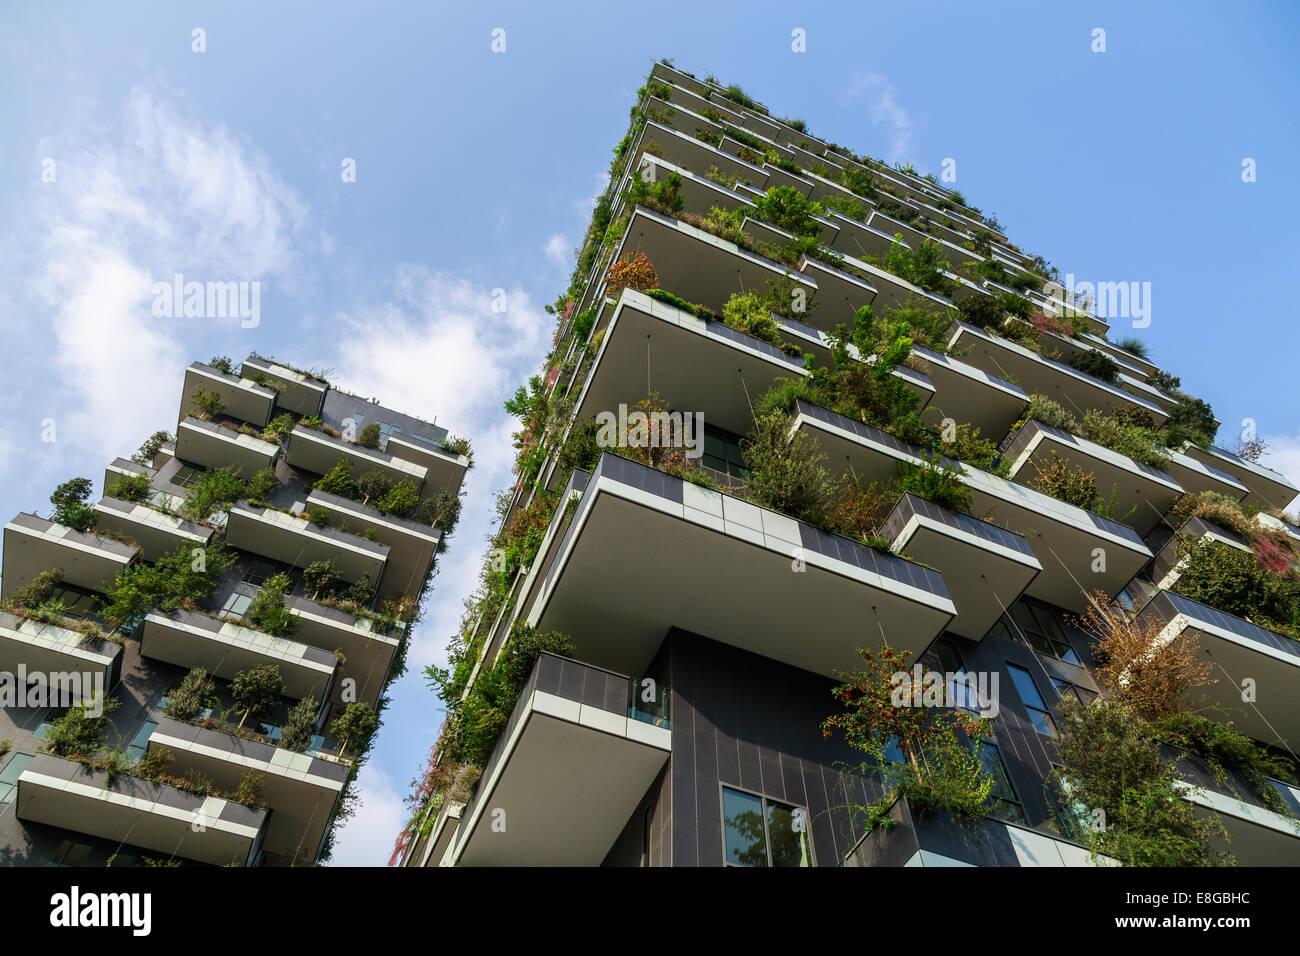 Bosco Verticale Gebäude befindet sich in der Porta Nuova Komplex, Mailand, Italien Stockbild